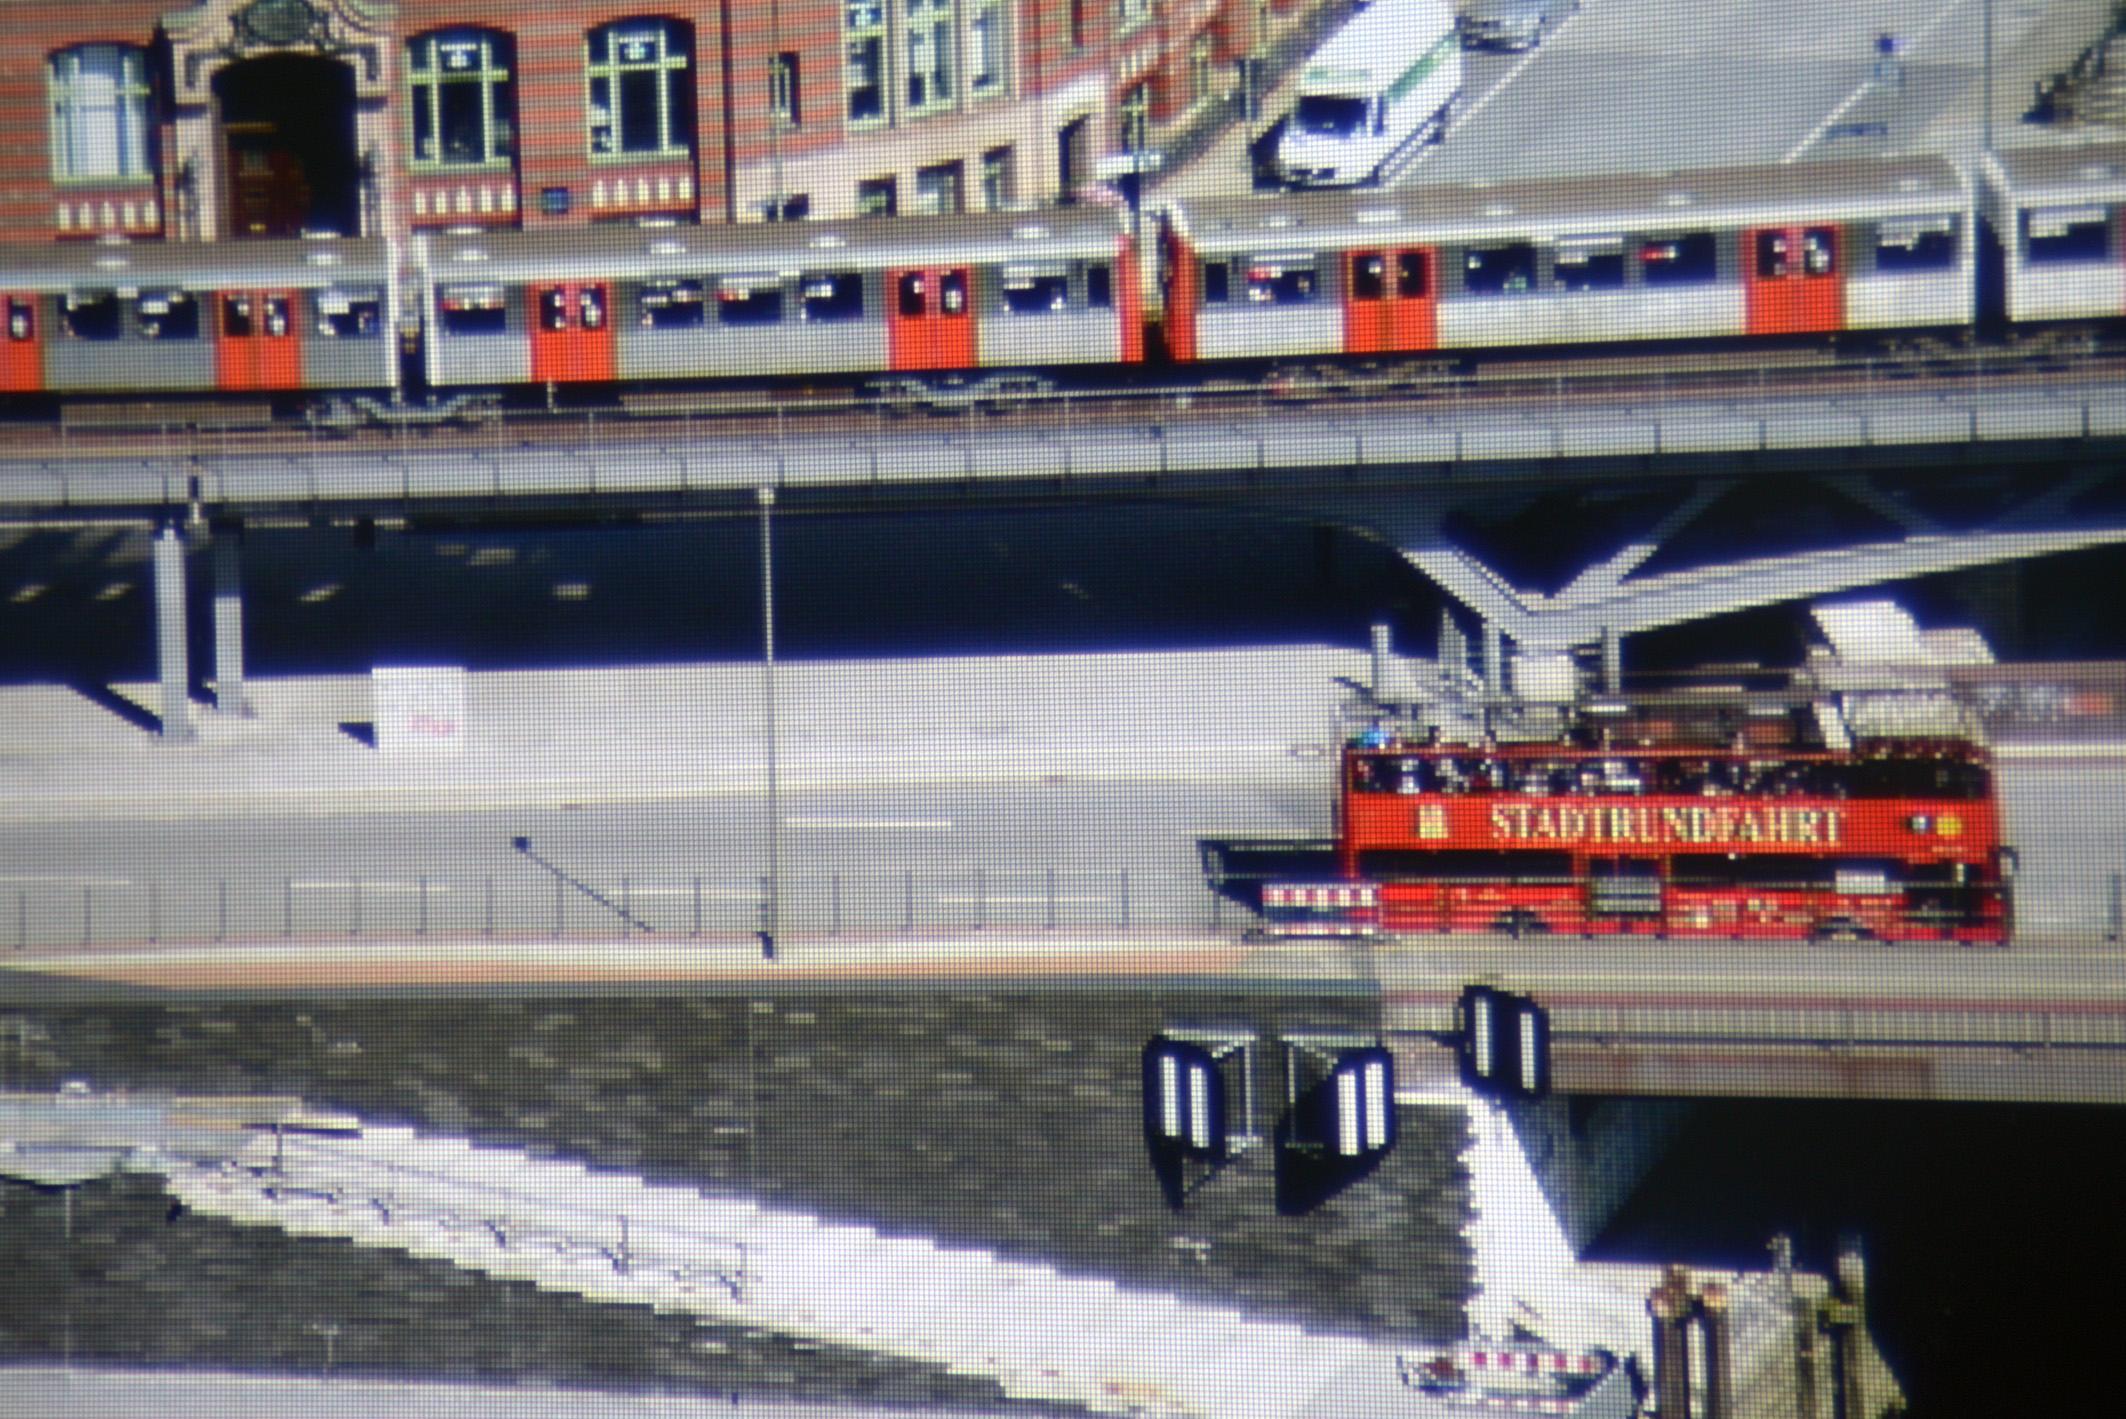 """Foto: Michael B. Rehders - Der kleine Ausschnitt aus dem projizierten Hamburg-Panorama, das ich aus der 21. Etage des Hanseatic Trade Centers geschossen habe, wird nach der Kalibrierung originalgetreu projiziert. Die orangefarbenen Türen der U-Bahn, das Rot des Doppeldeckers und der graue Asphalt gelingen ohne Fehl und Tadel. Der Schriftzug """"STADTRUNDFAHRT"""" ist gut zu lesen. Die Zeichnung dunkler Bereiche unter der Brücke ist vollständig erhalten."""